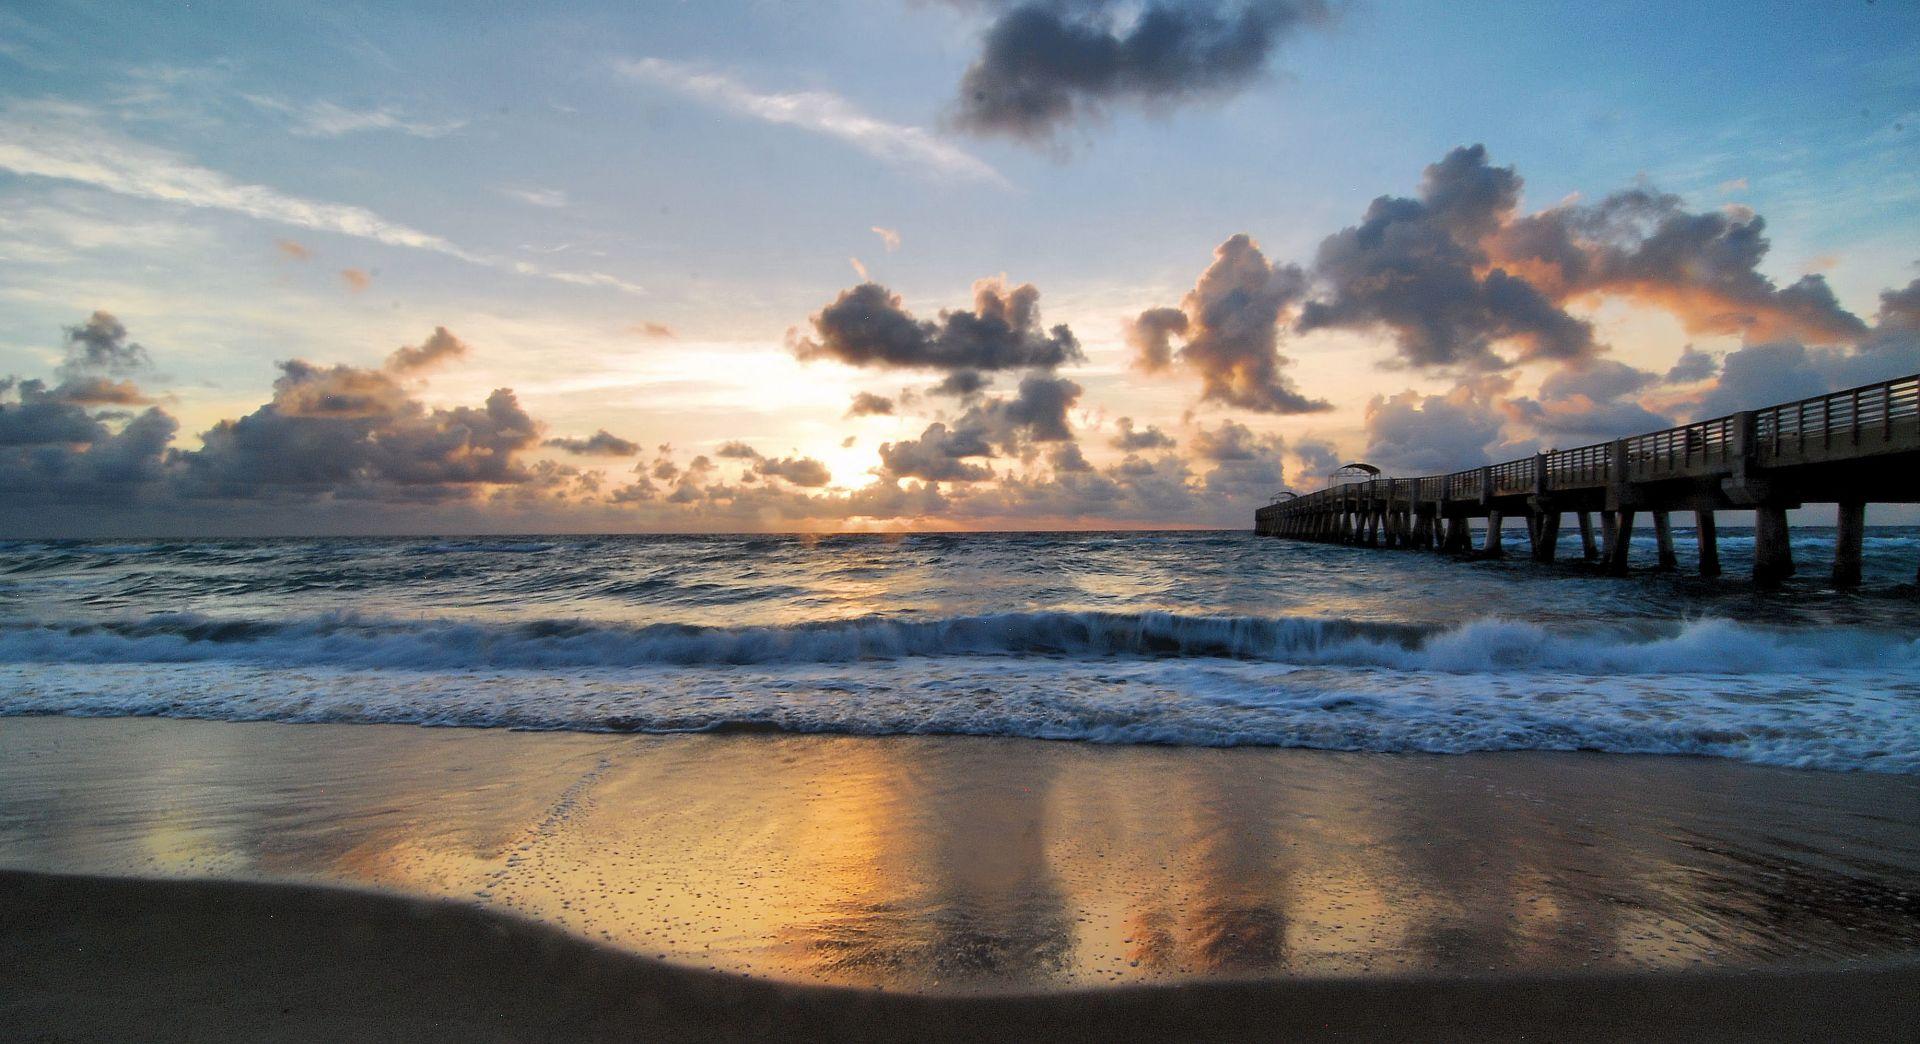 San Remo Condos for Sale in Boca Raton